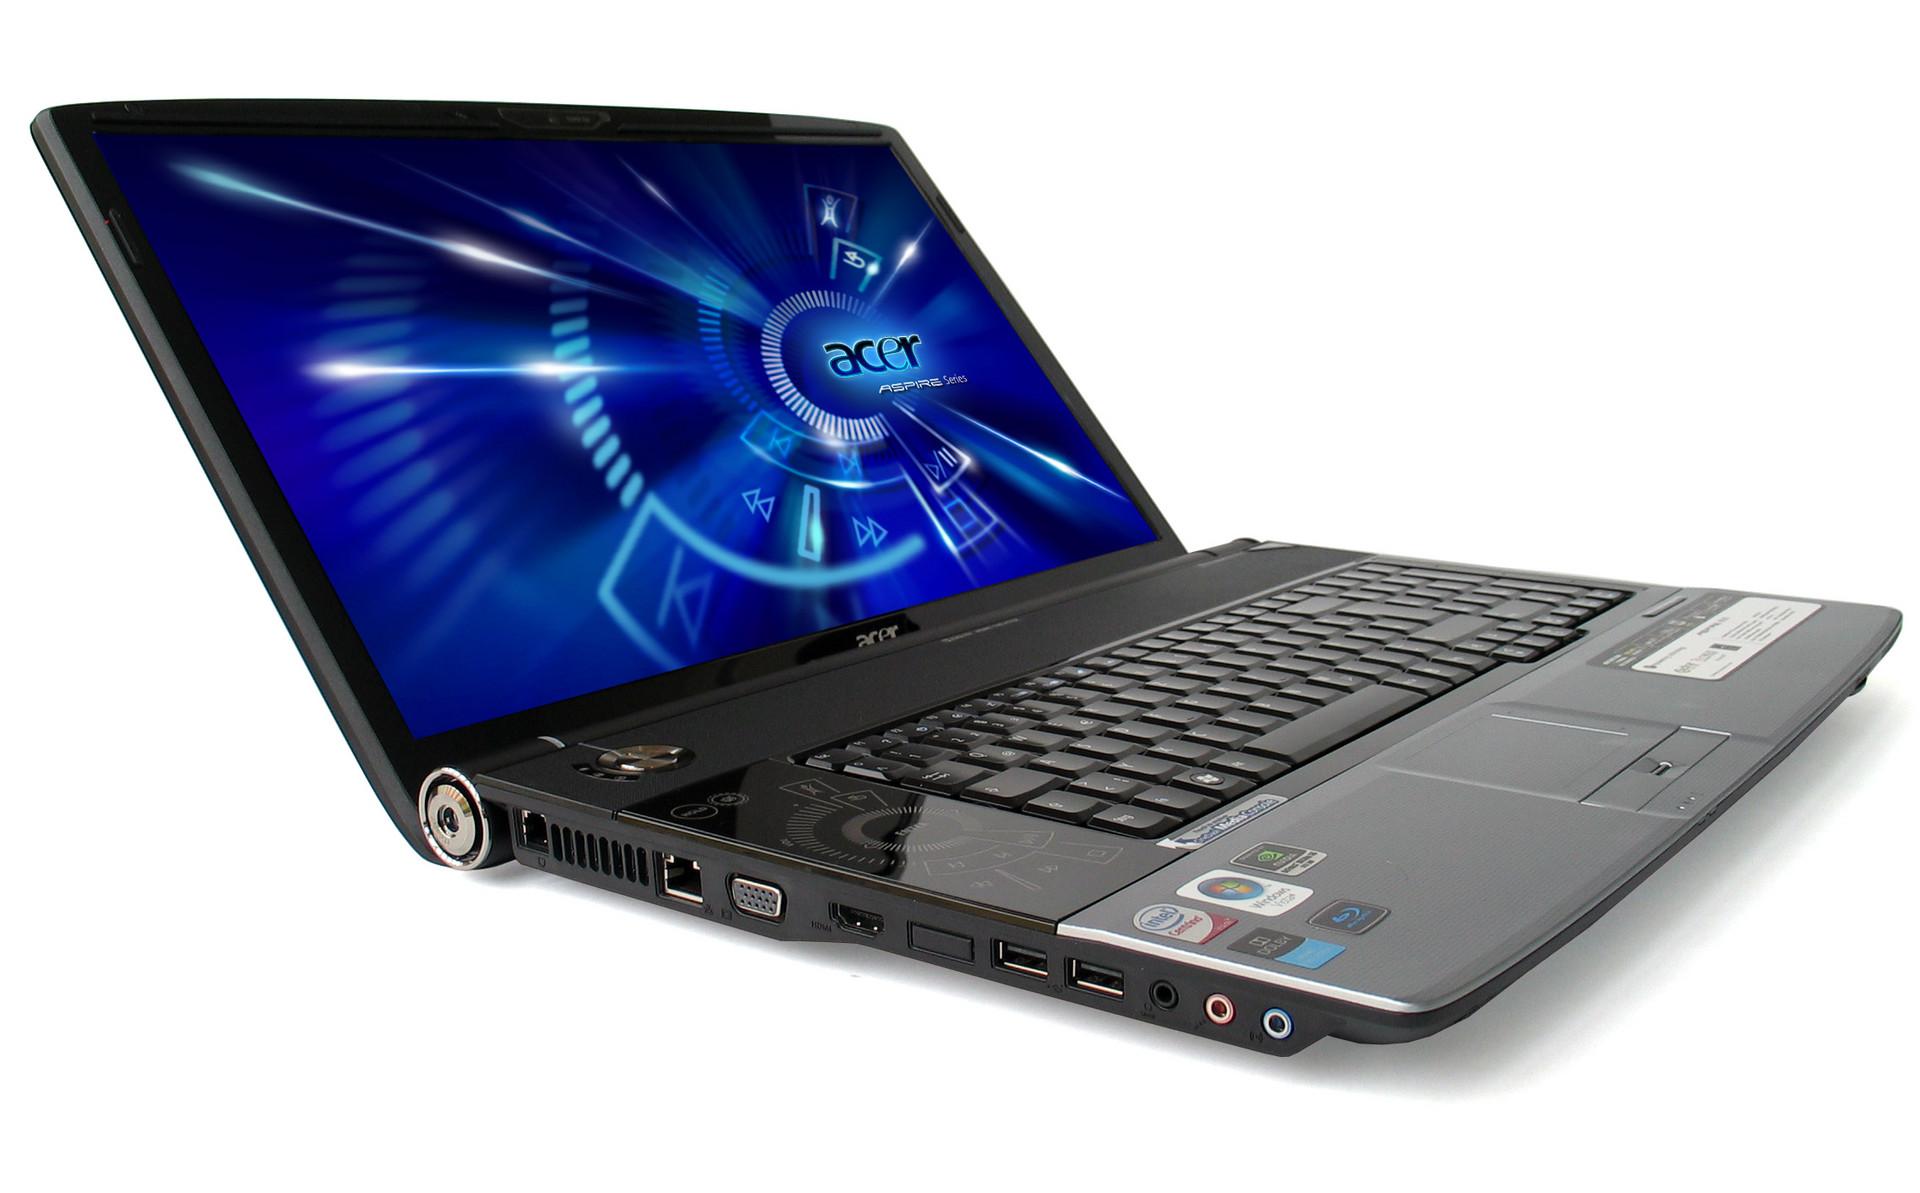 Apple Ios Wallpaper Hd Acer Aspire 8920g Notebookcheck Net External Reviews